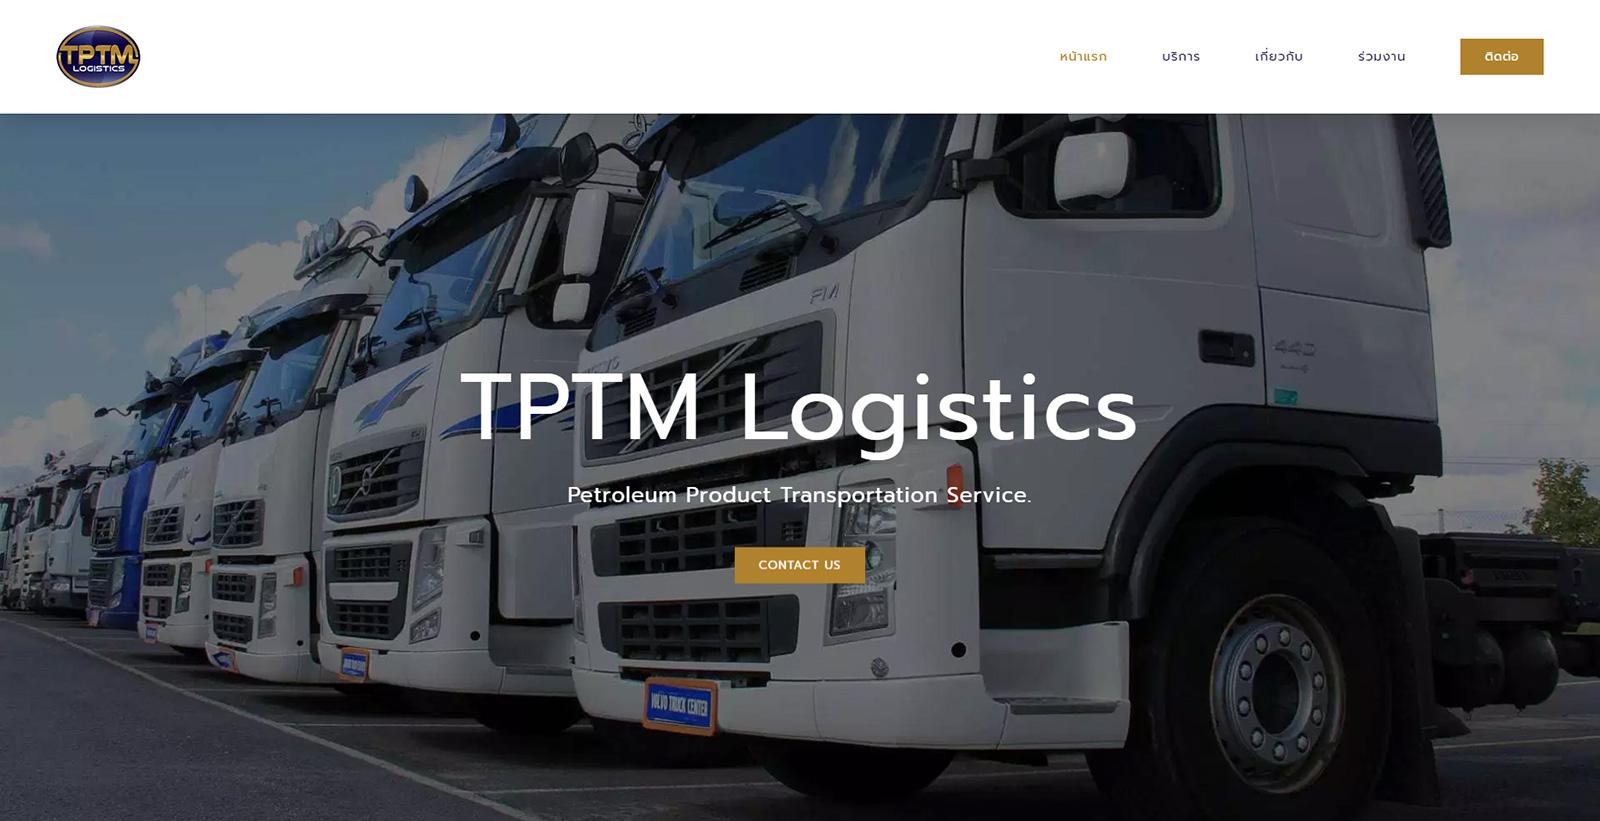 เว็บไซต์ TPTM Logistics (บริการที่ใช้ : รับสร้างเว็บไซต์) ขนาดหน้าจอ Notebook